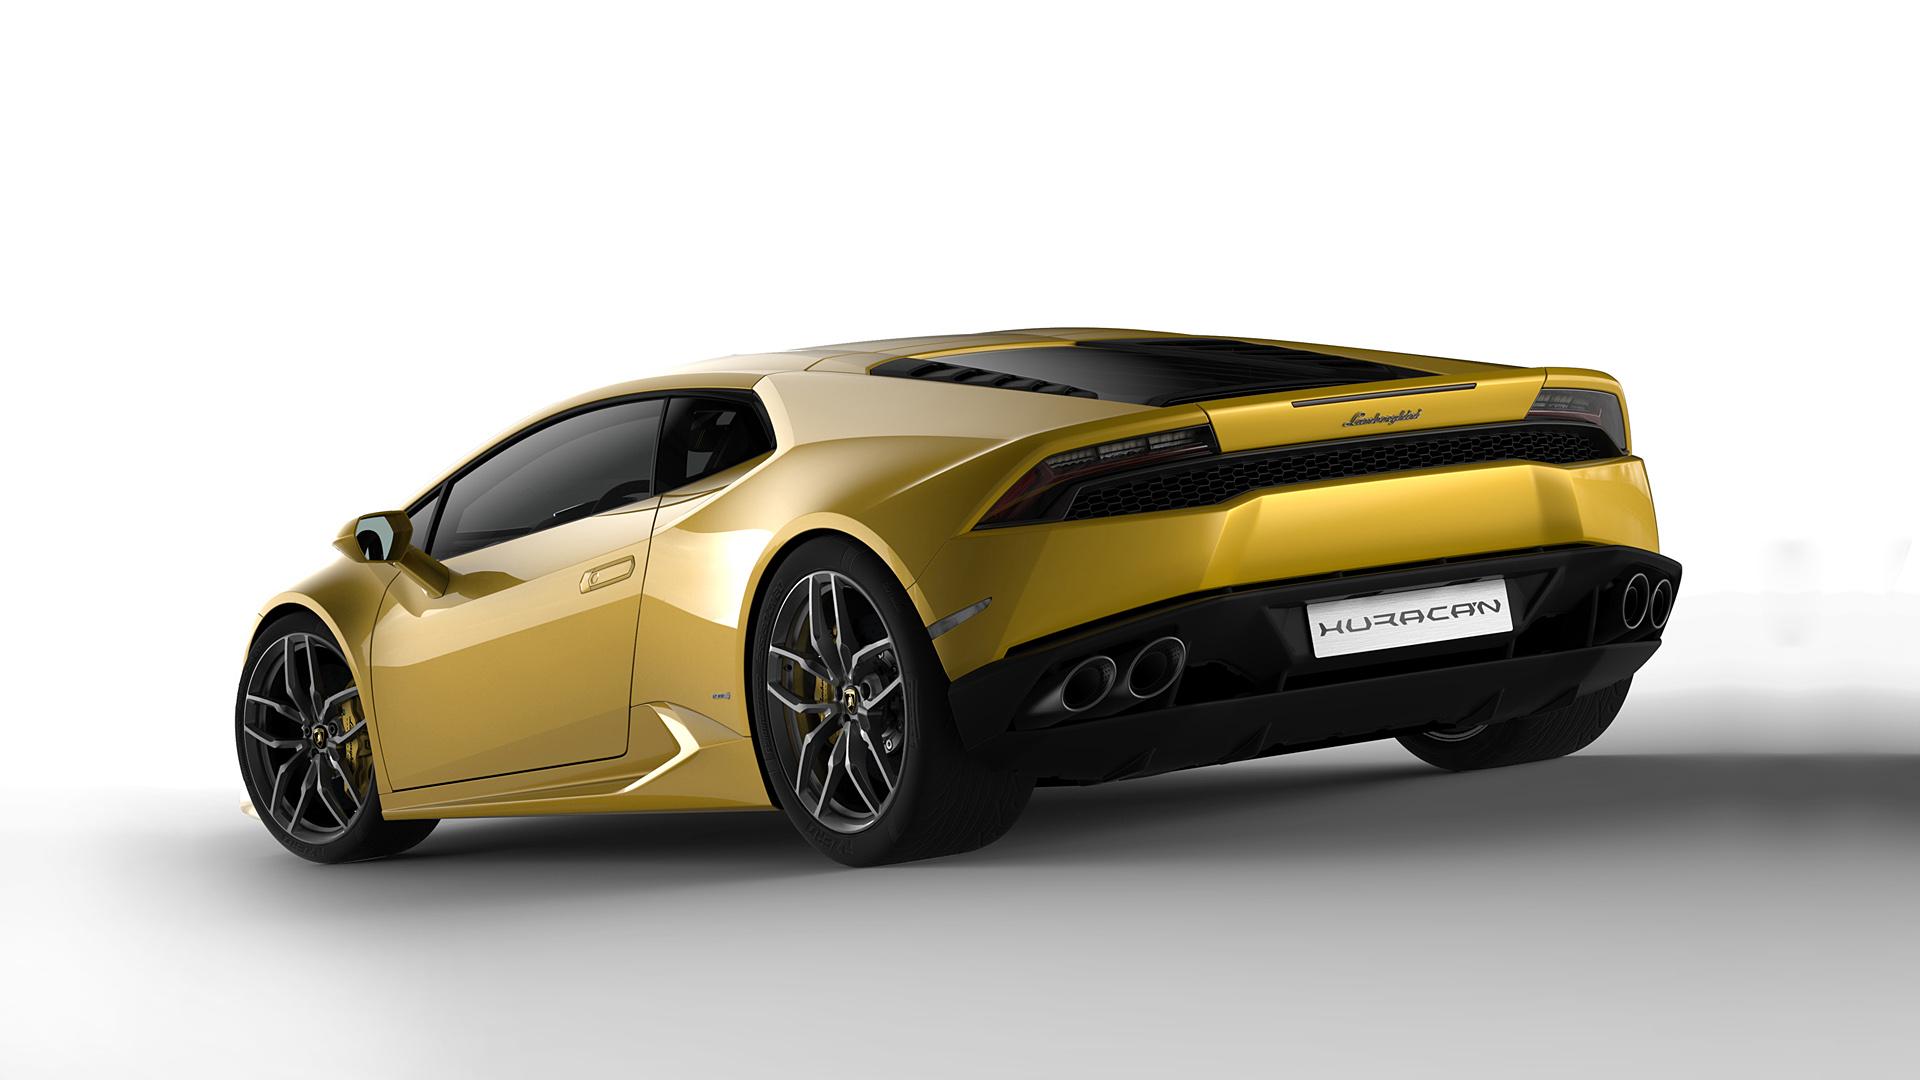 2015 Ares Design Lamborghini Huracan Wallpapers: [47+] Lamborghini Wallpaper 2015 On WallpaperSafari